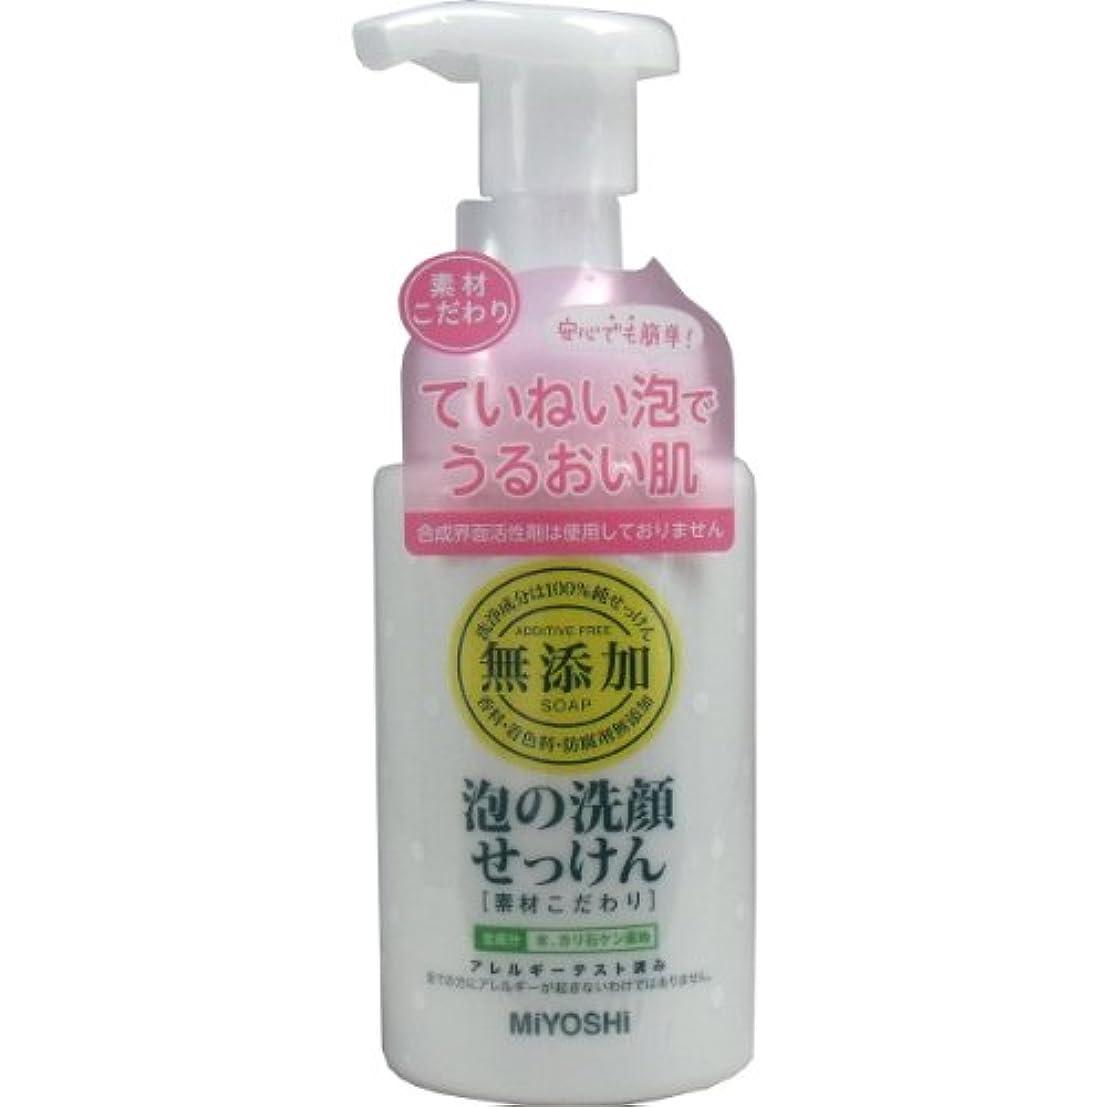 軽減する法医学マット無添加 泡の洗顔せっけん 素材こだわり 200mL2個セット